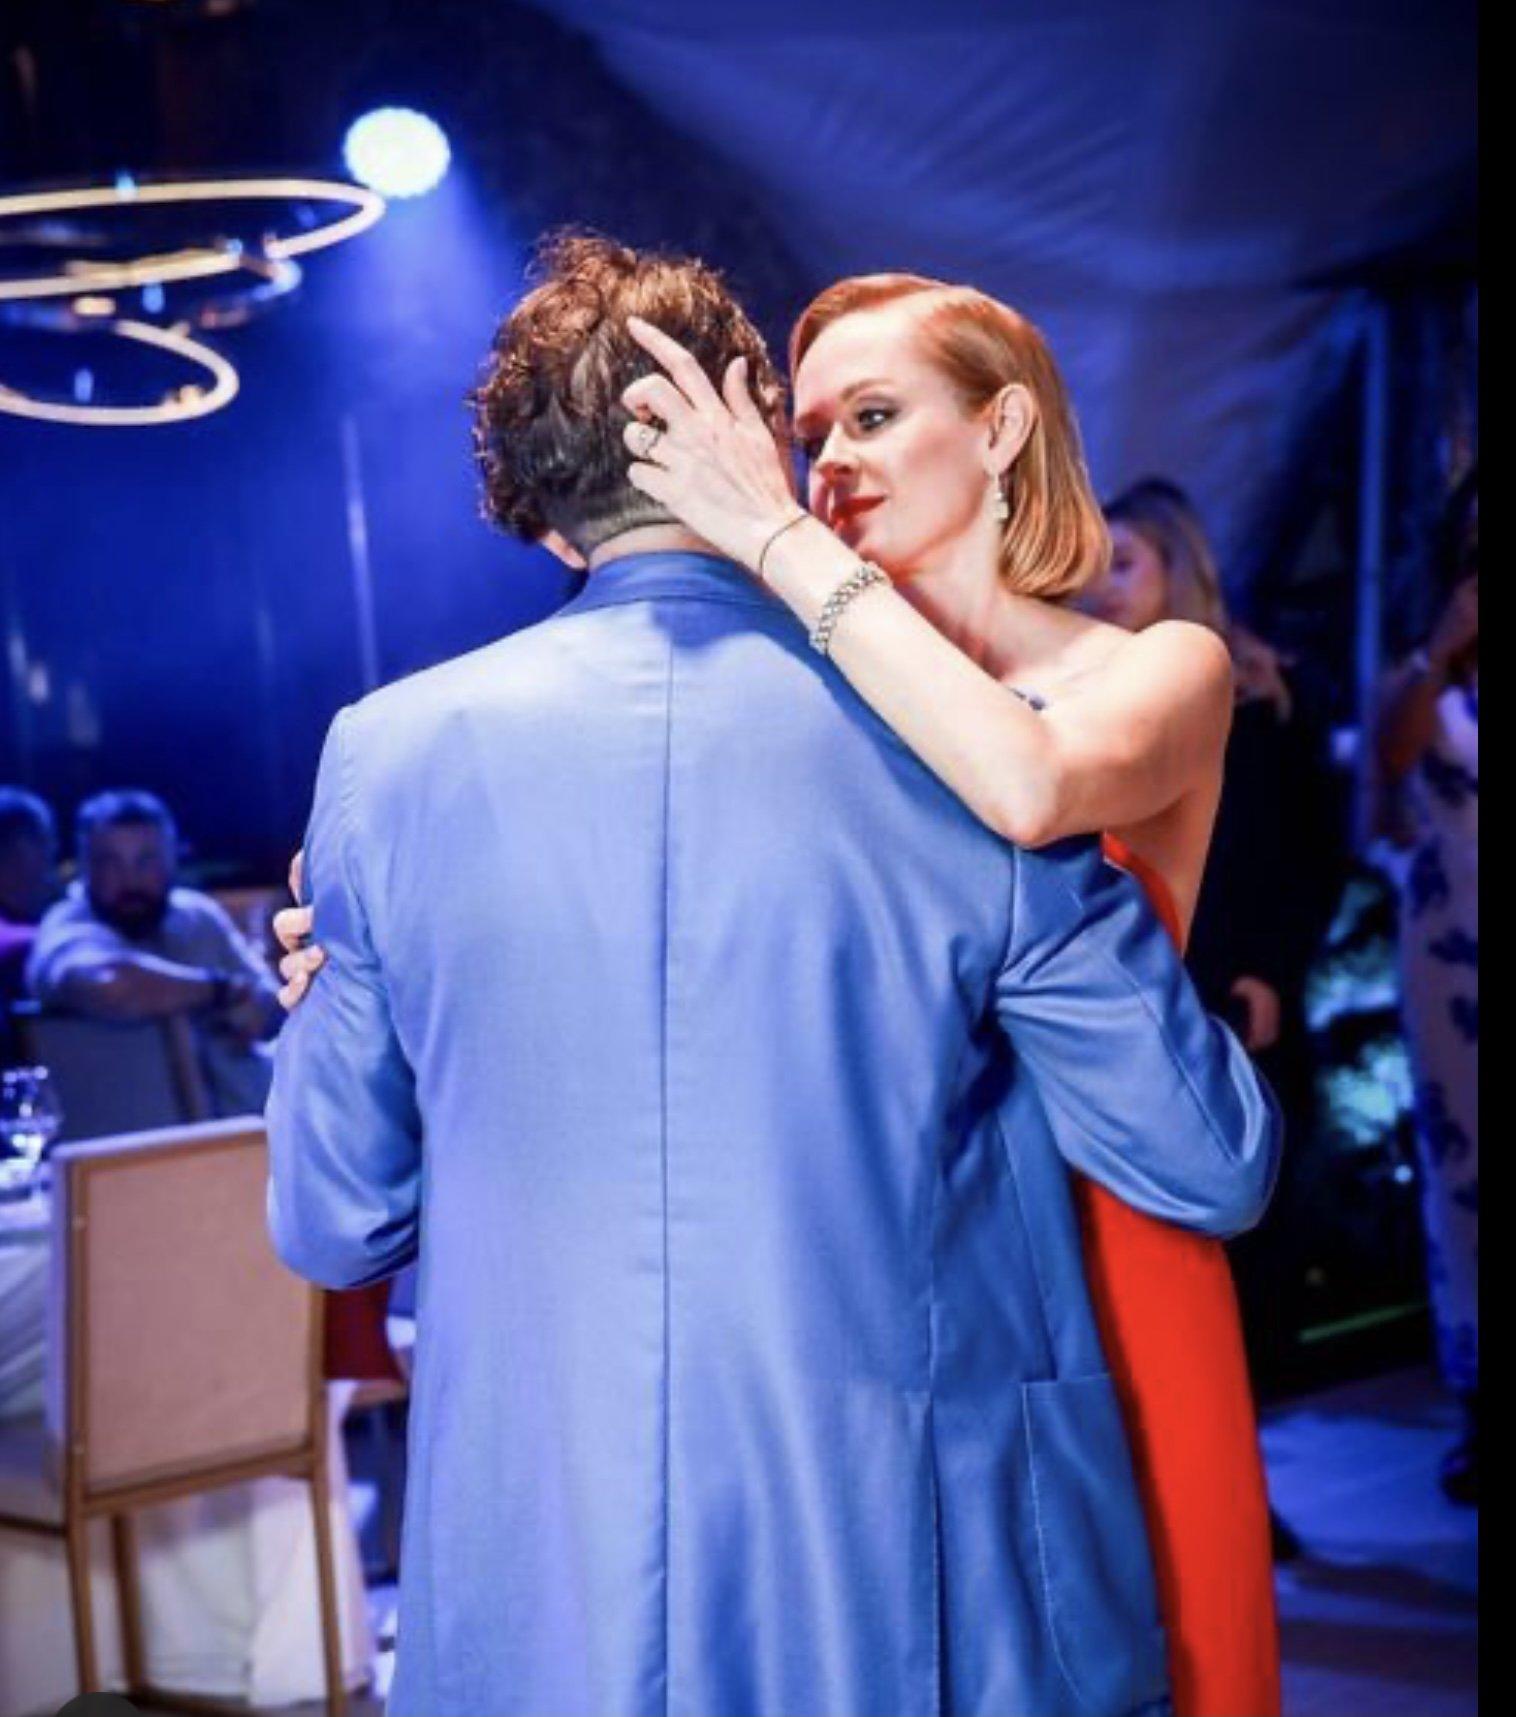 Григорий Лепс показал нежное фото с супругой